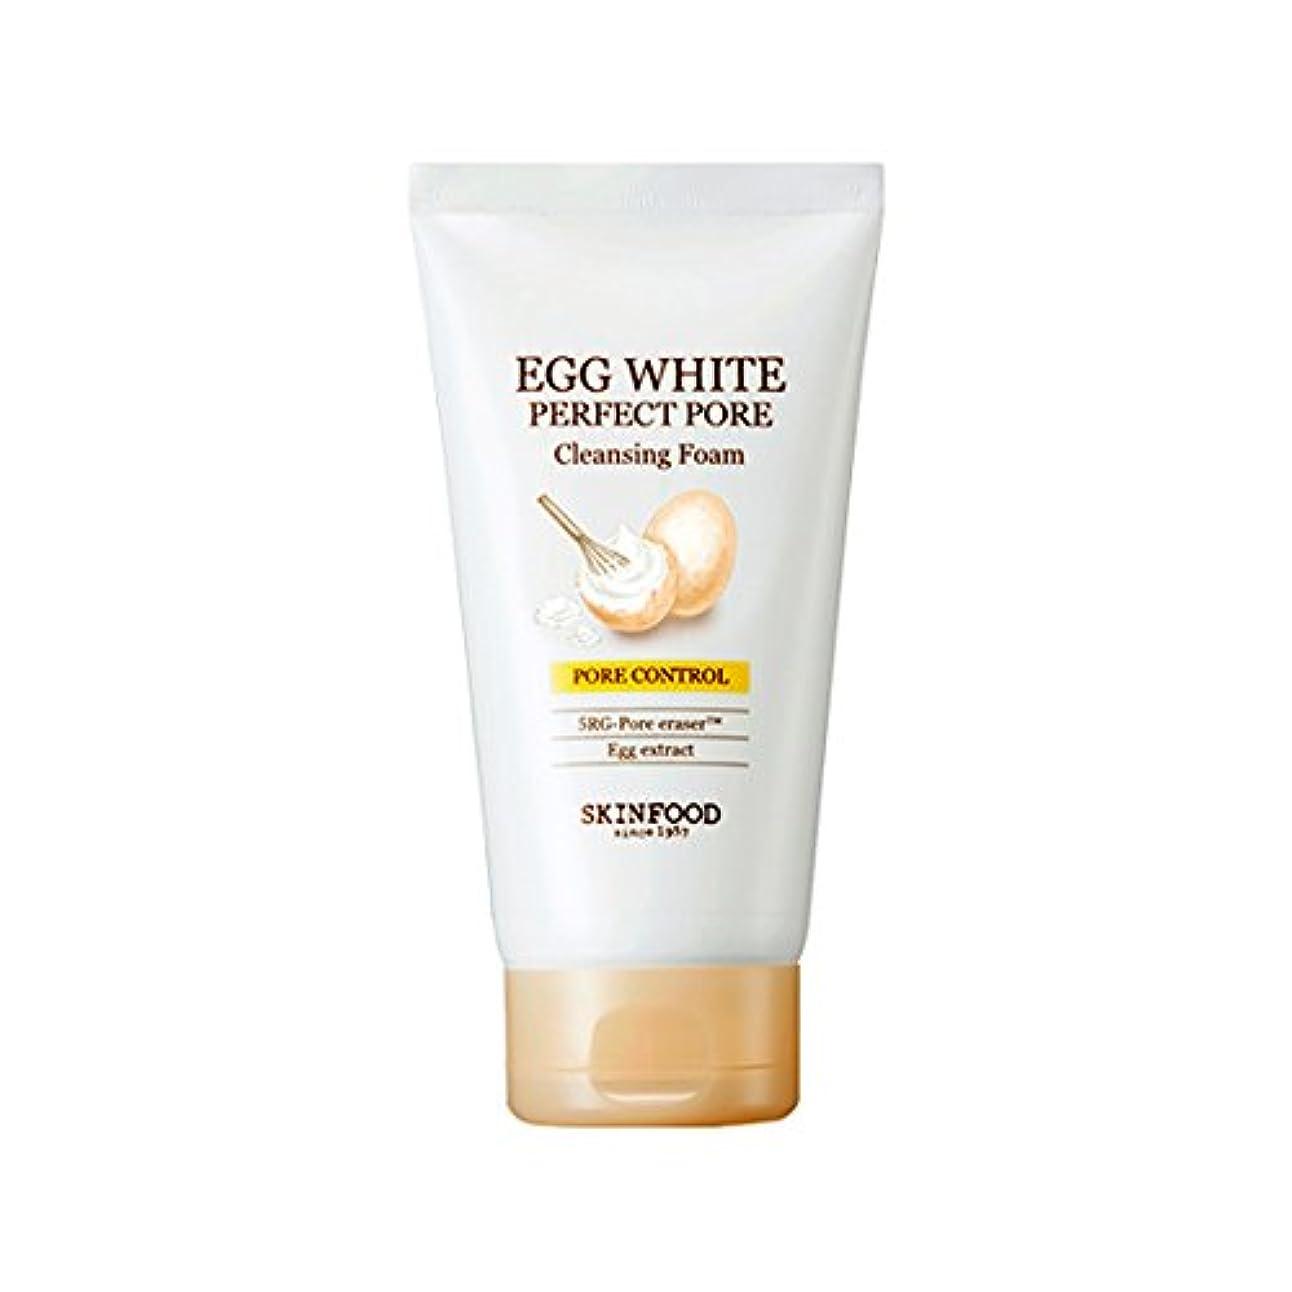 卒業グラフィック前部Skinfood/Egg White Perfect Pore Cleansing Foam/エッグホワイトパーフェクトポアクレンジングフォーム/150ml [並行輸入品]